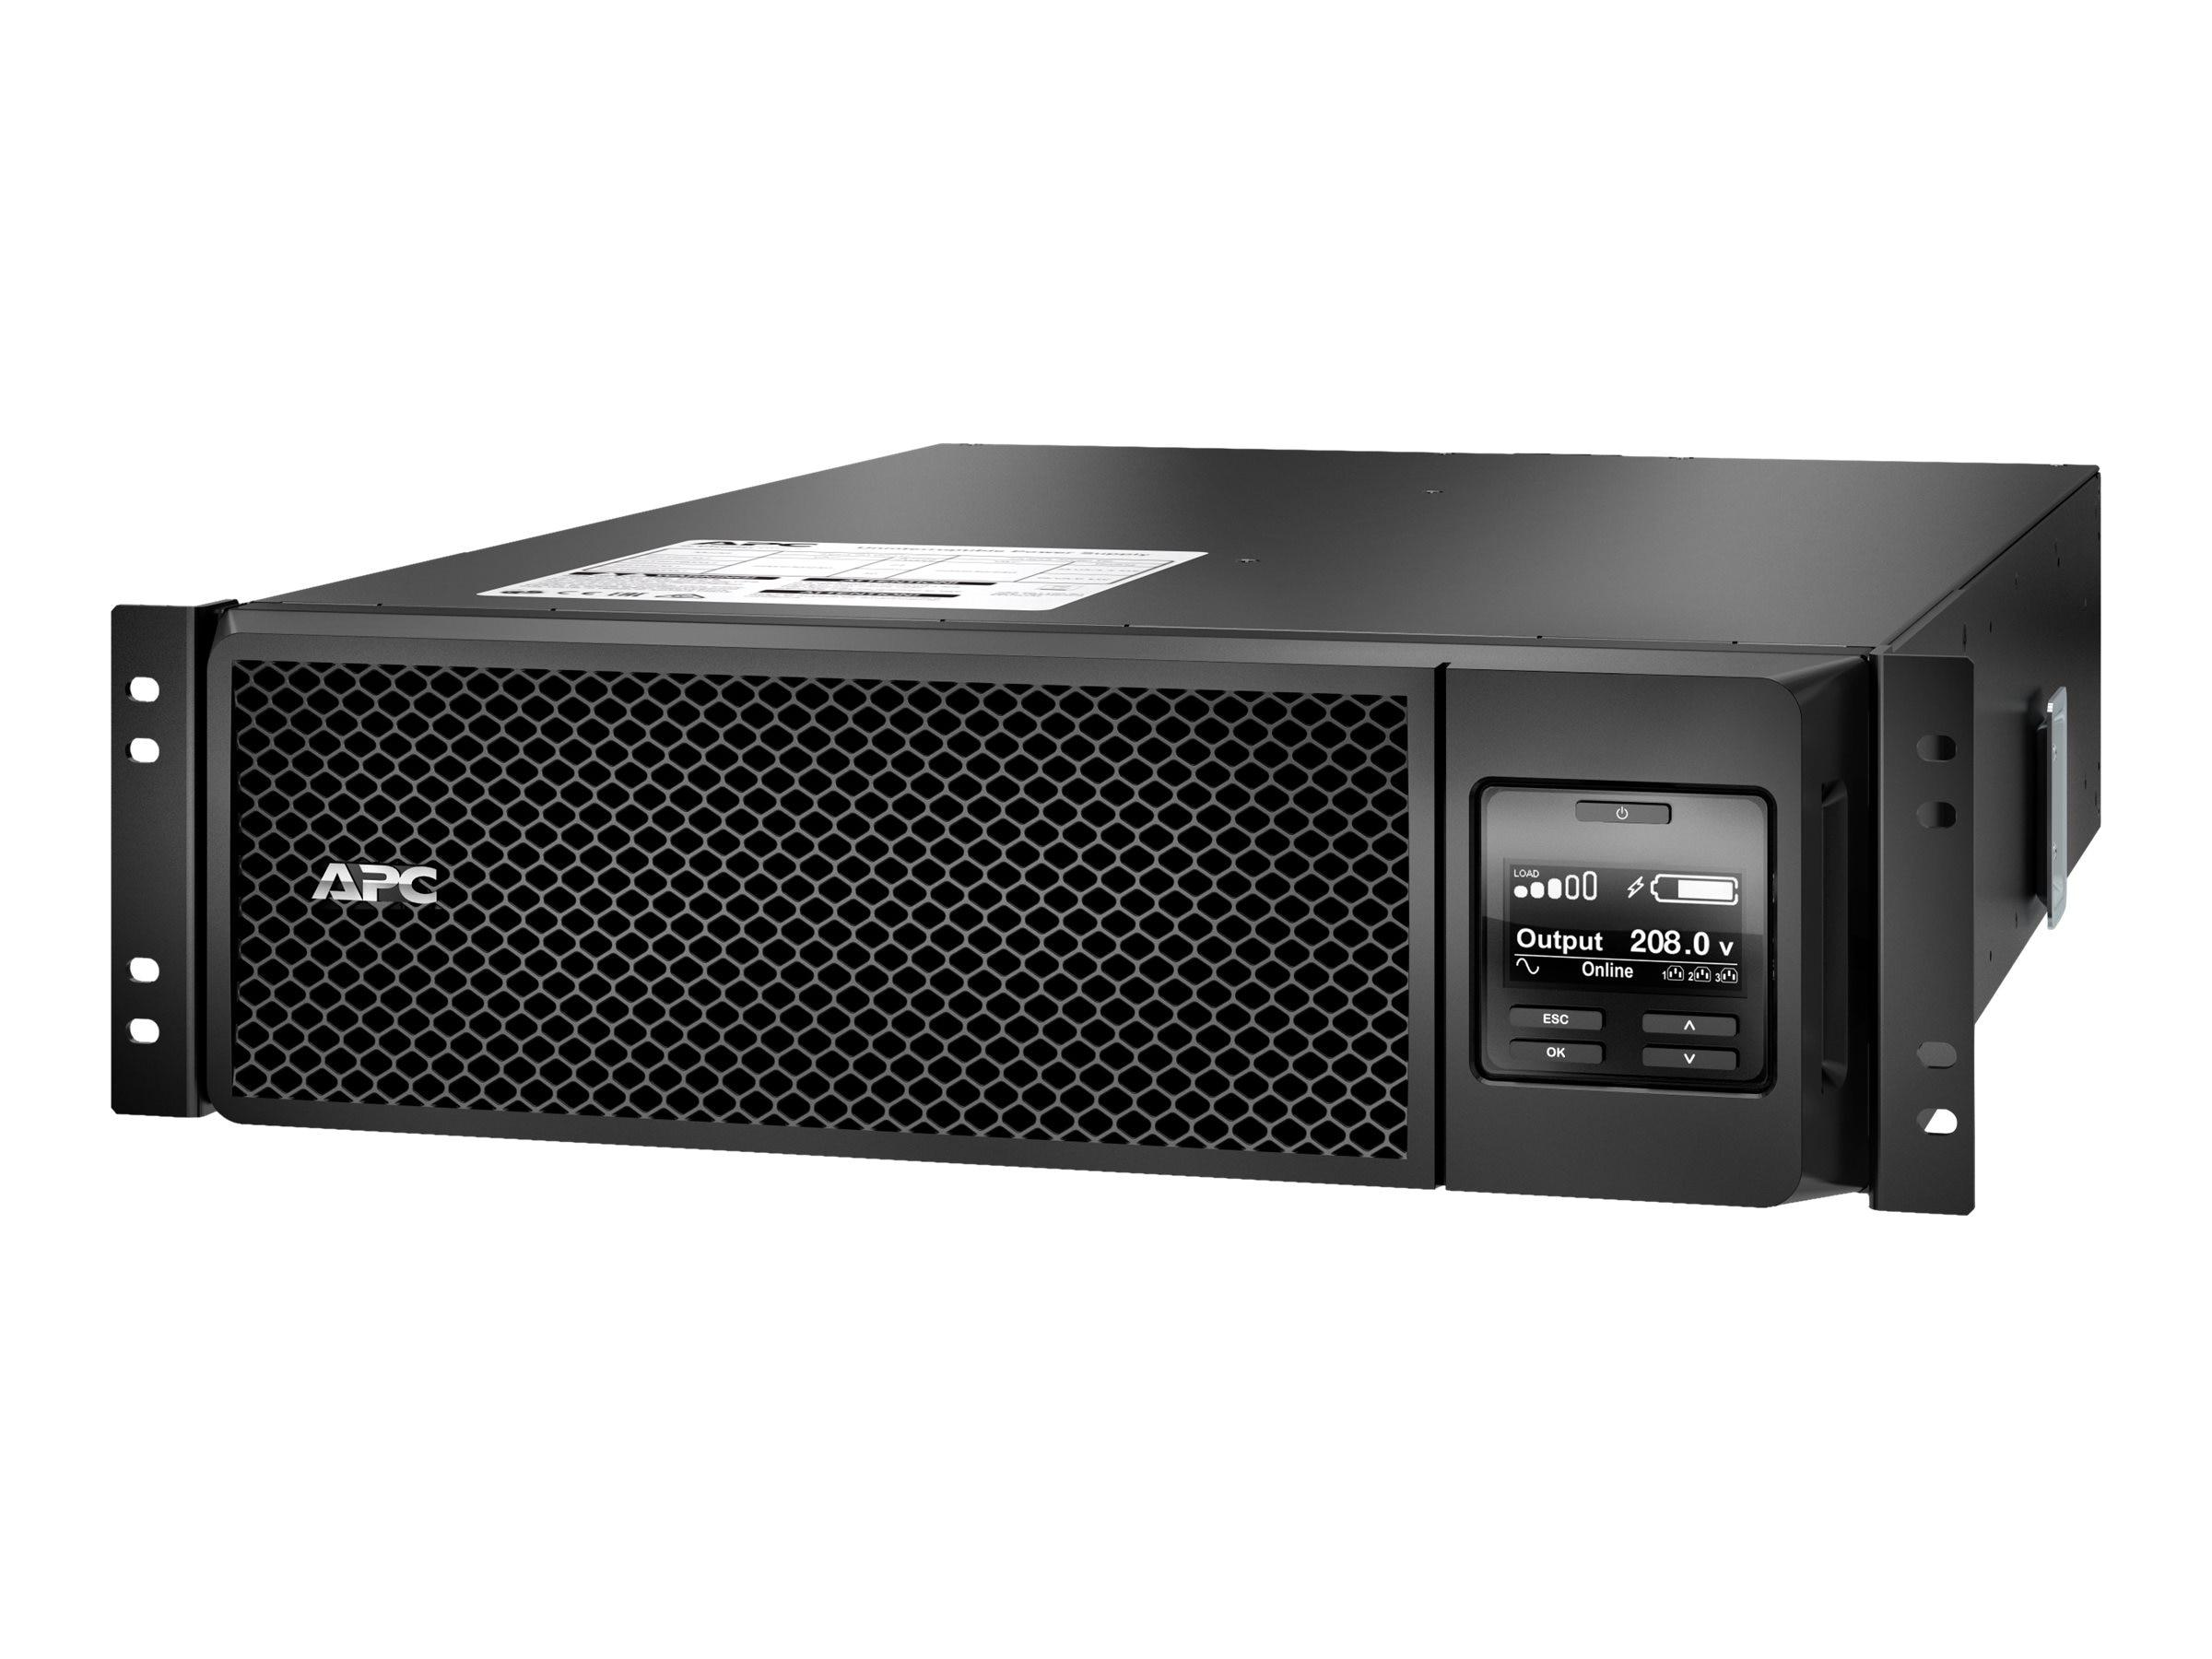 APC Smart-UPS SRT 5000VA 4250W 208V RM Online Extended Runtime  (SRT5KRMXLW-HW)